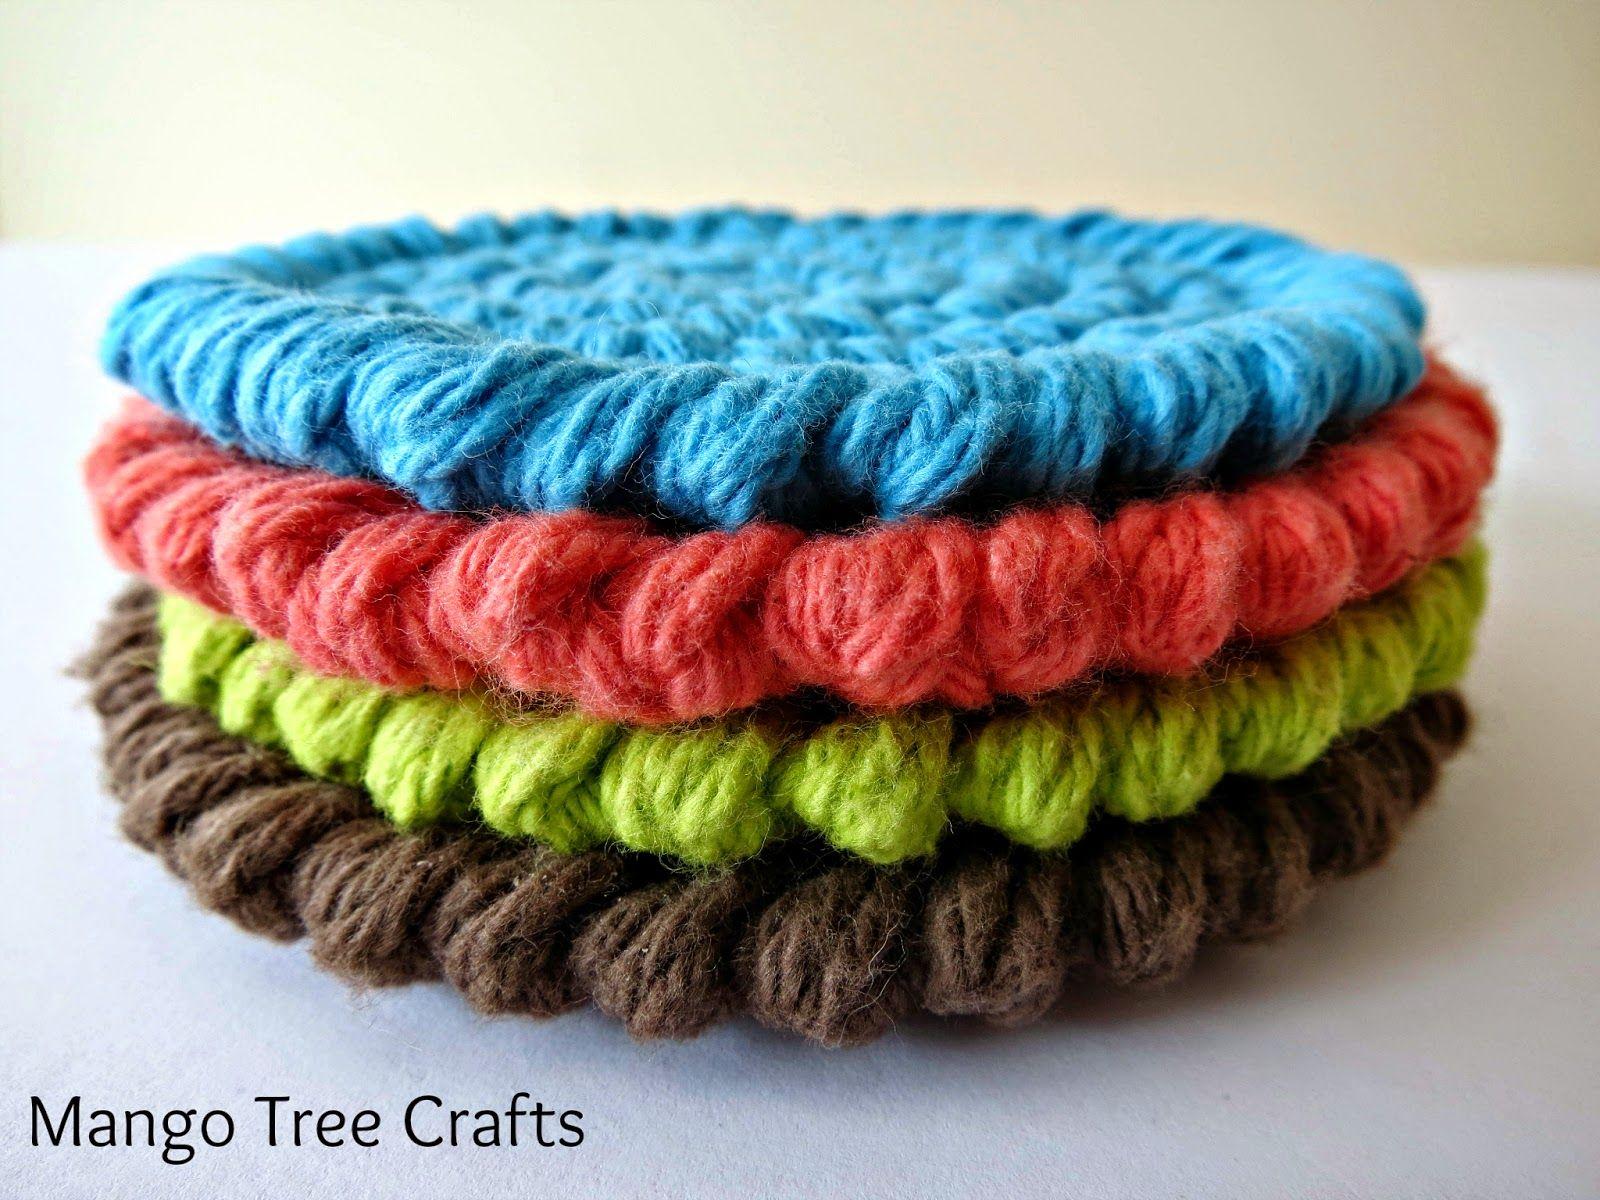 Crochet Coasters Free Pattern | Crochet | Pinterest | Crochet ...